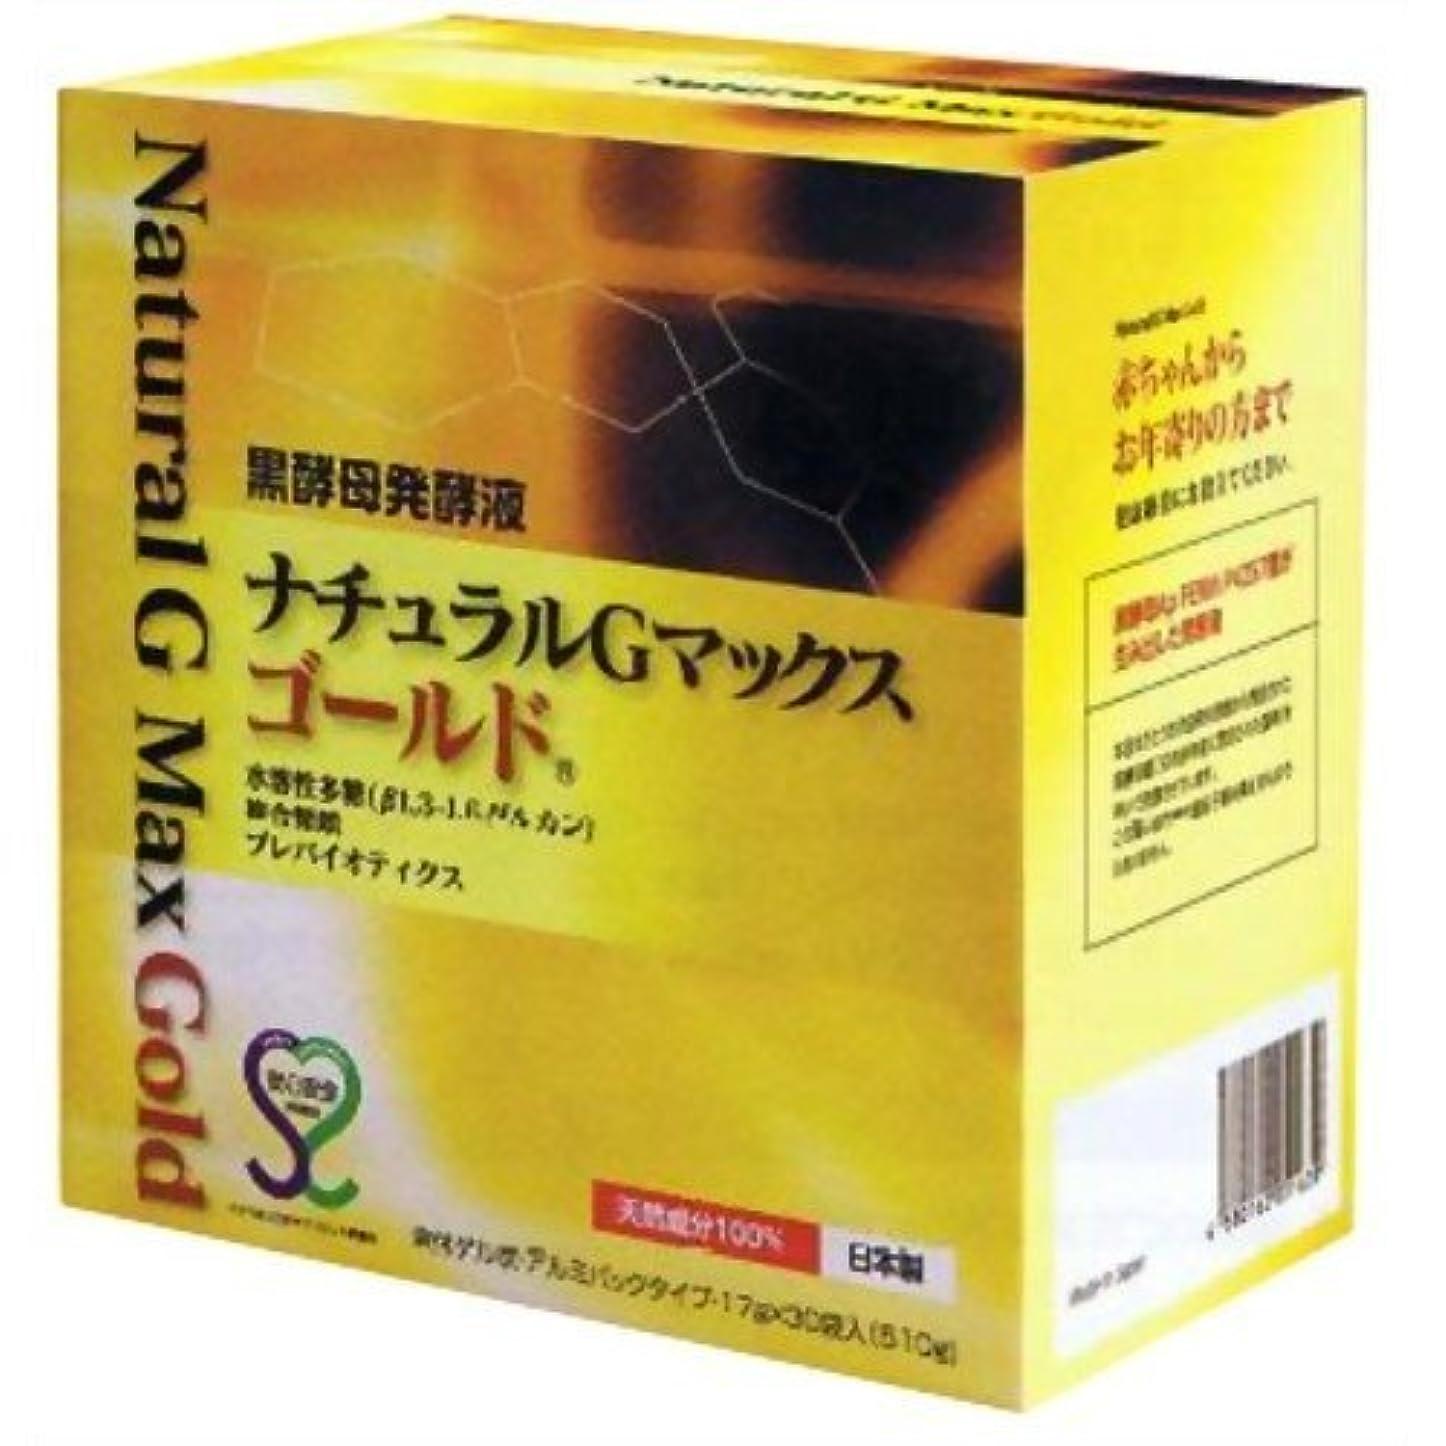 同志応援する自分自身黒酵母発酵液 ナチュラルGマックスゴールド 17g×30袋